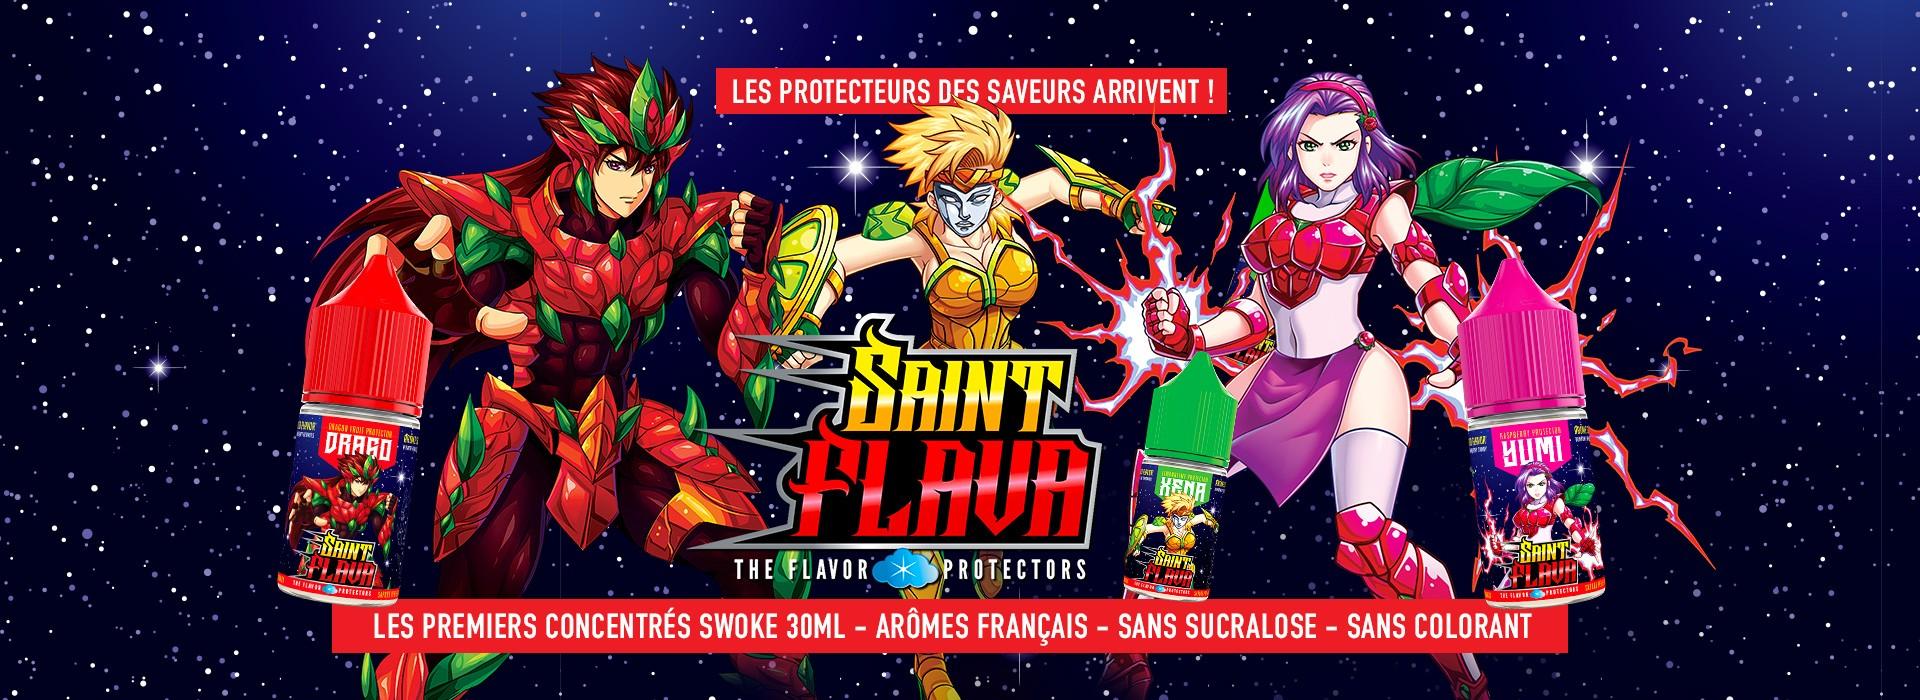 Saint Flava - Les protecteurs des saveurs